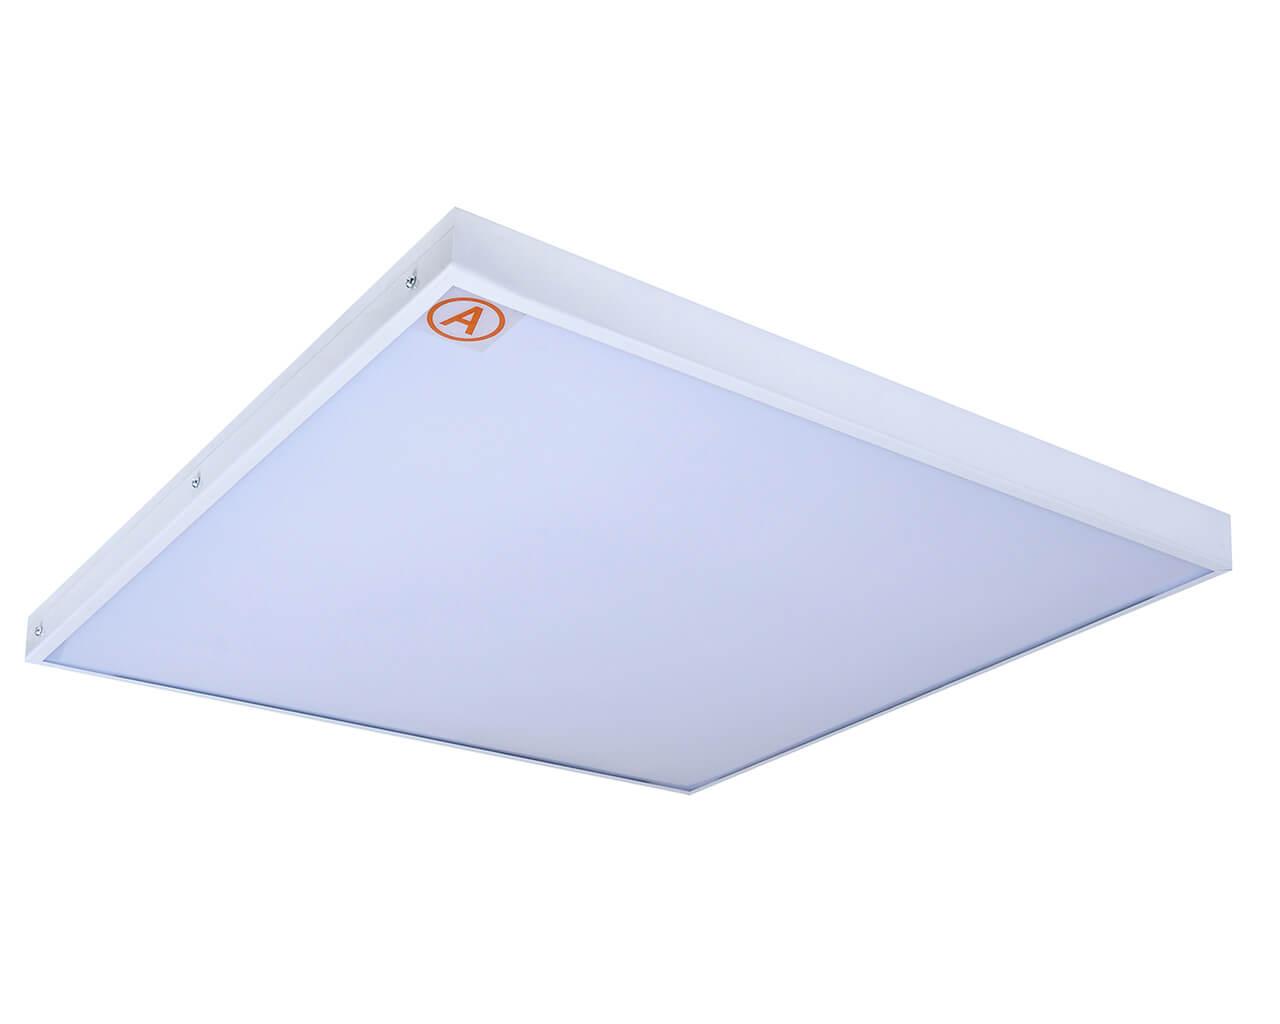 Универсальный светильник LC-US-40-OP-WW ватт 595x595 Теплый белый Опал с Бап-1 час